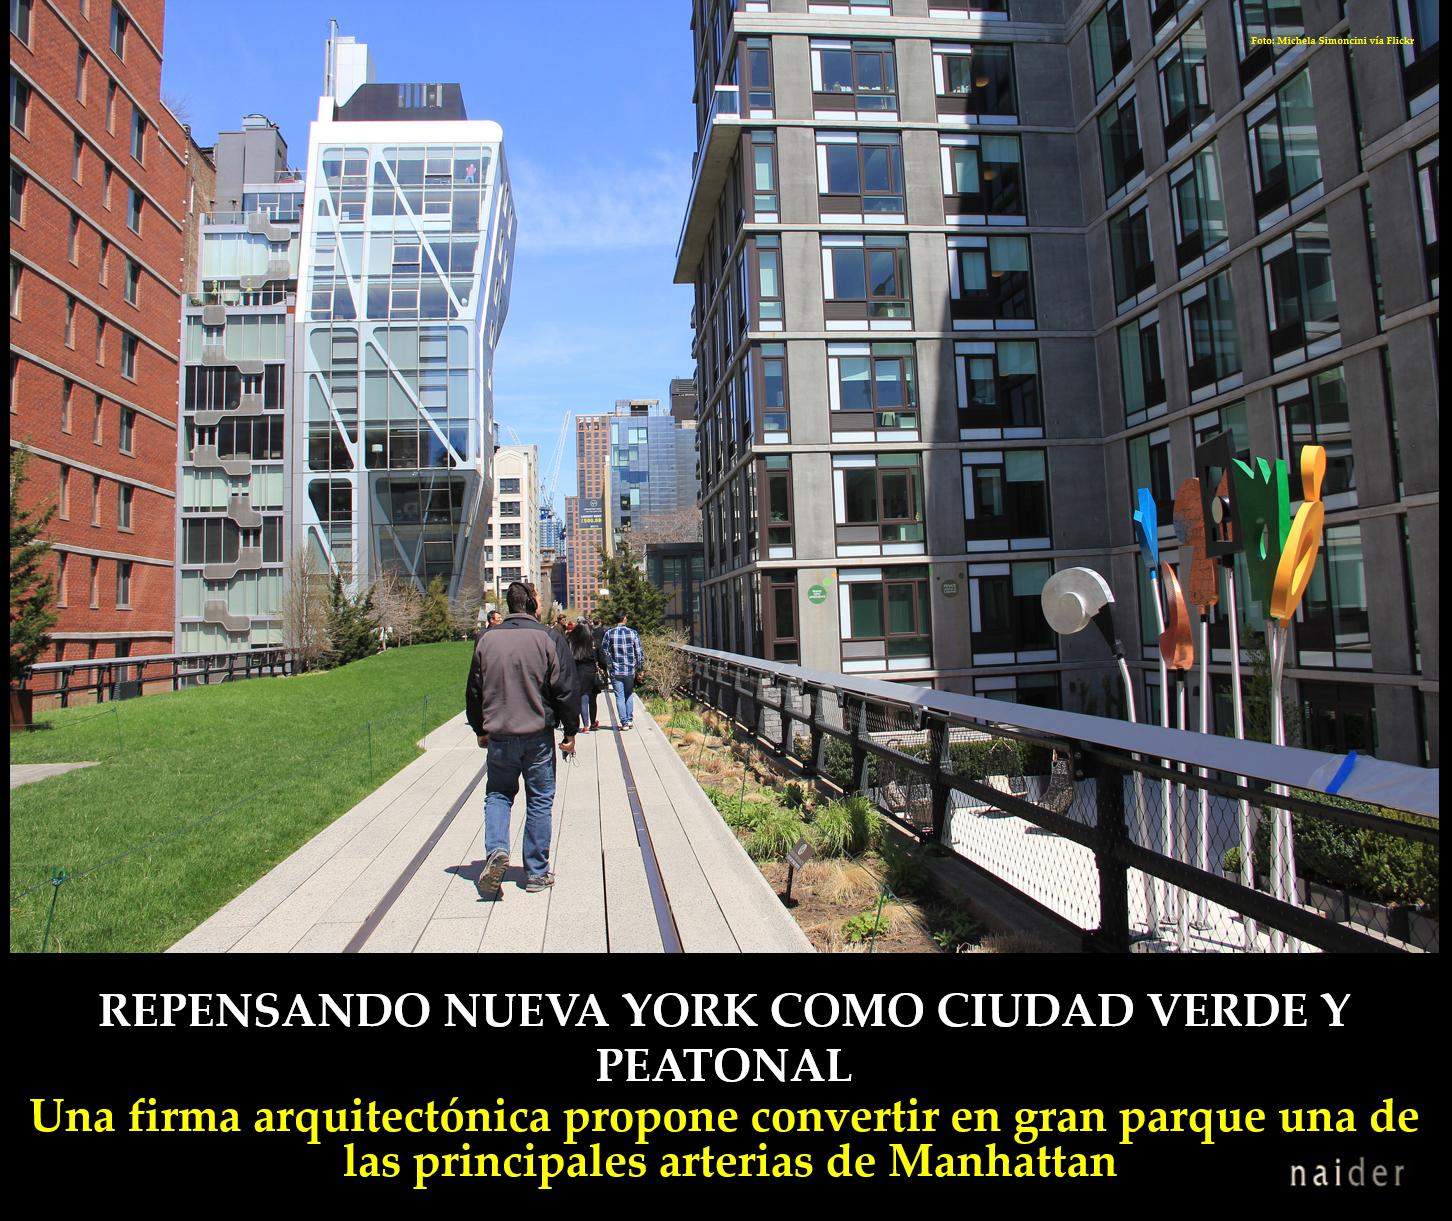 Repensando Nueva York como ciudad verde y peatonal infopost.jpg